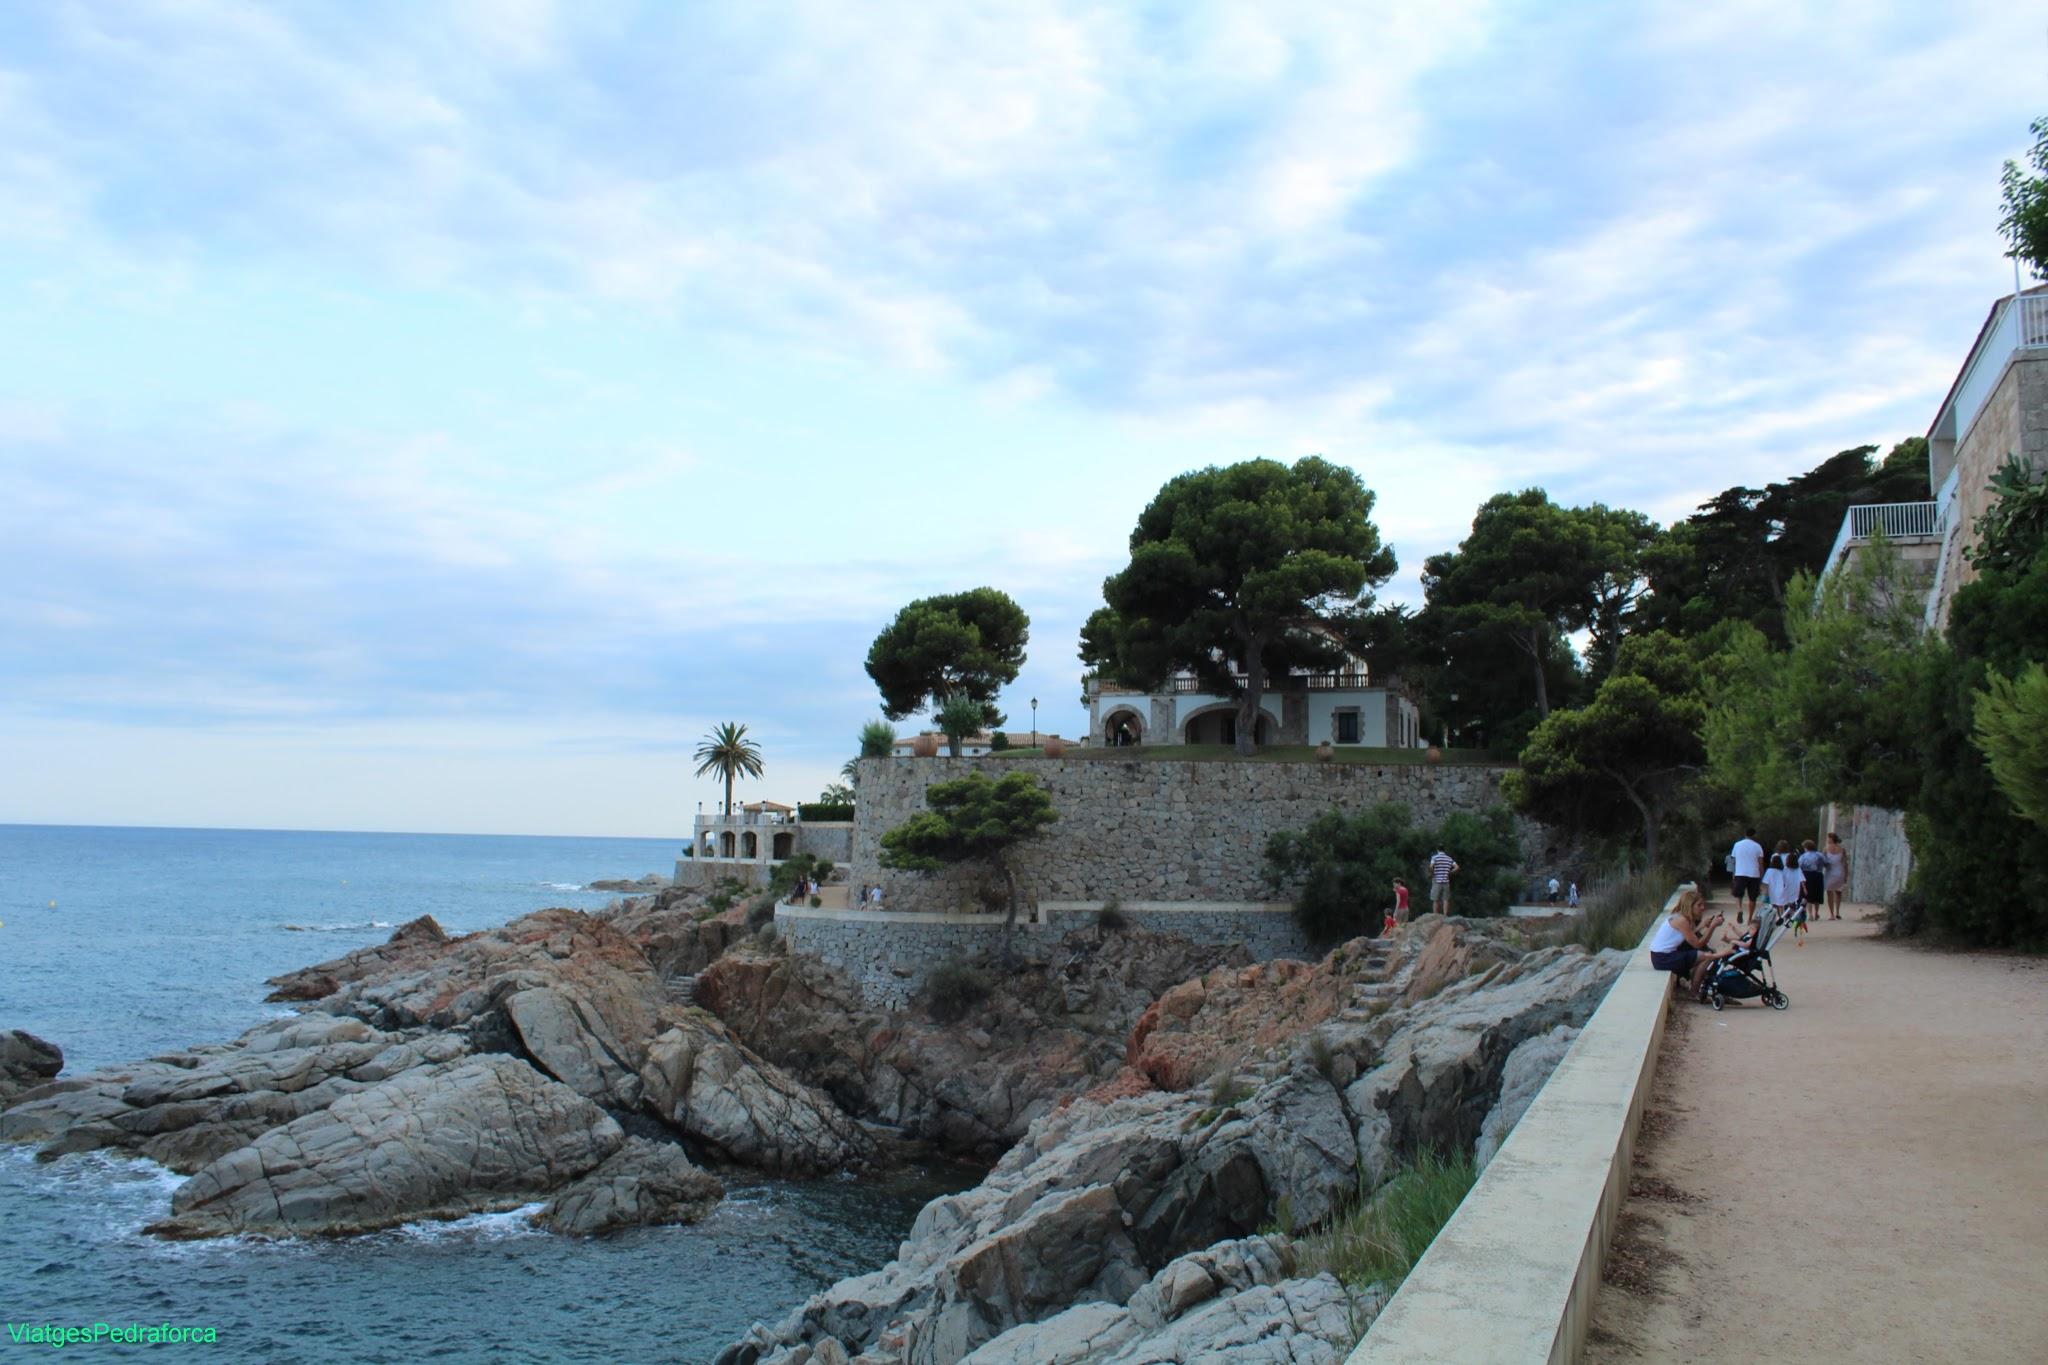 Camí de Ronda de S'Agaró, Costa Brava, Baix Empordà